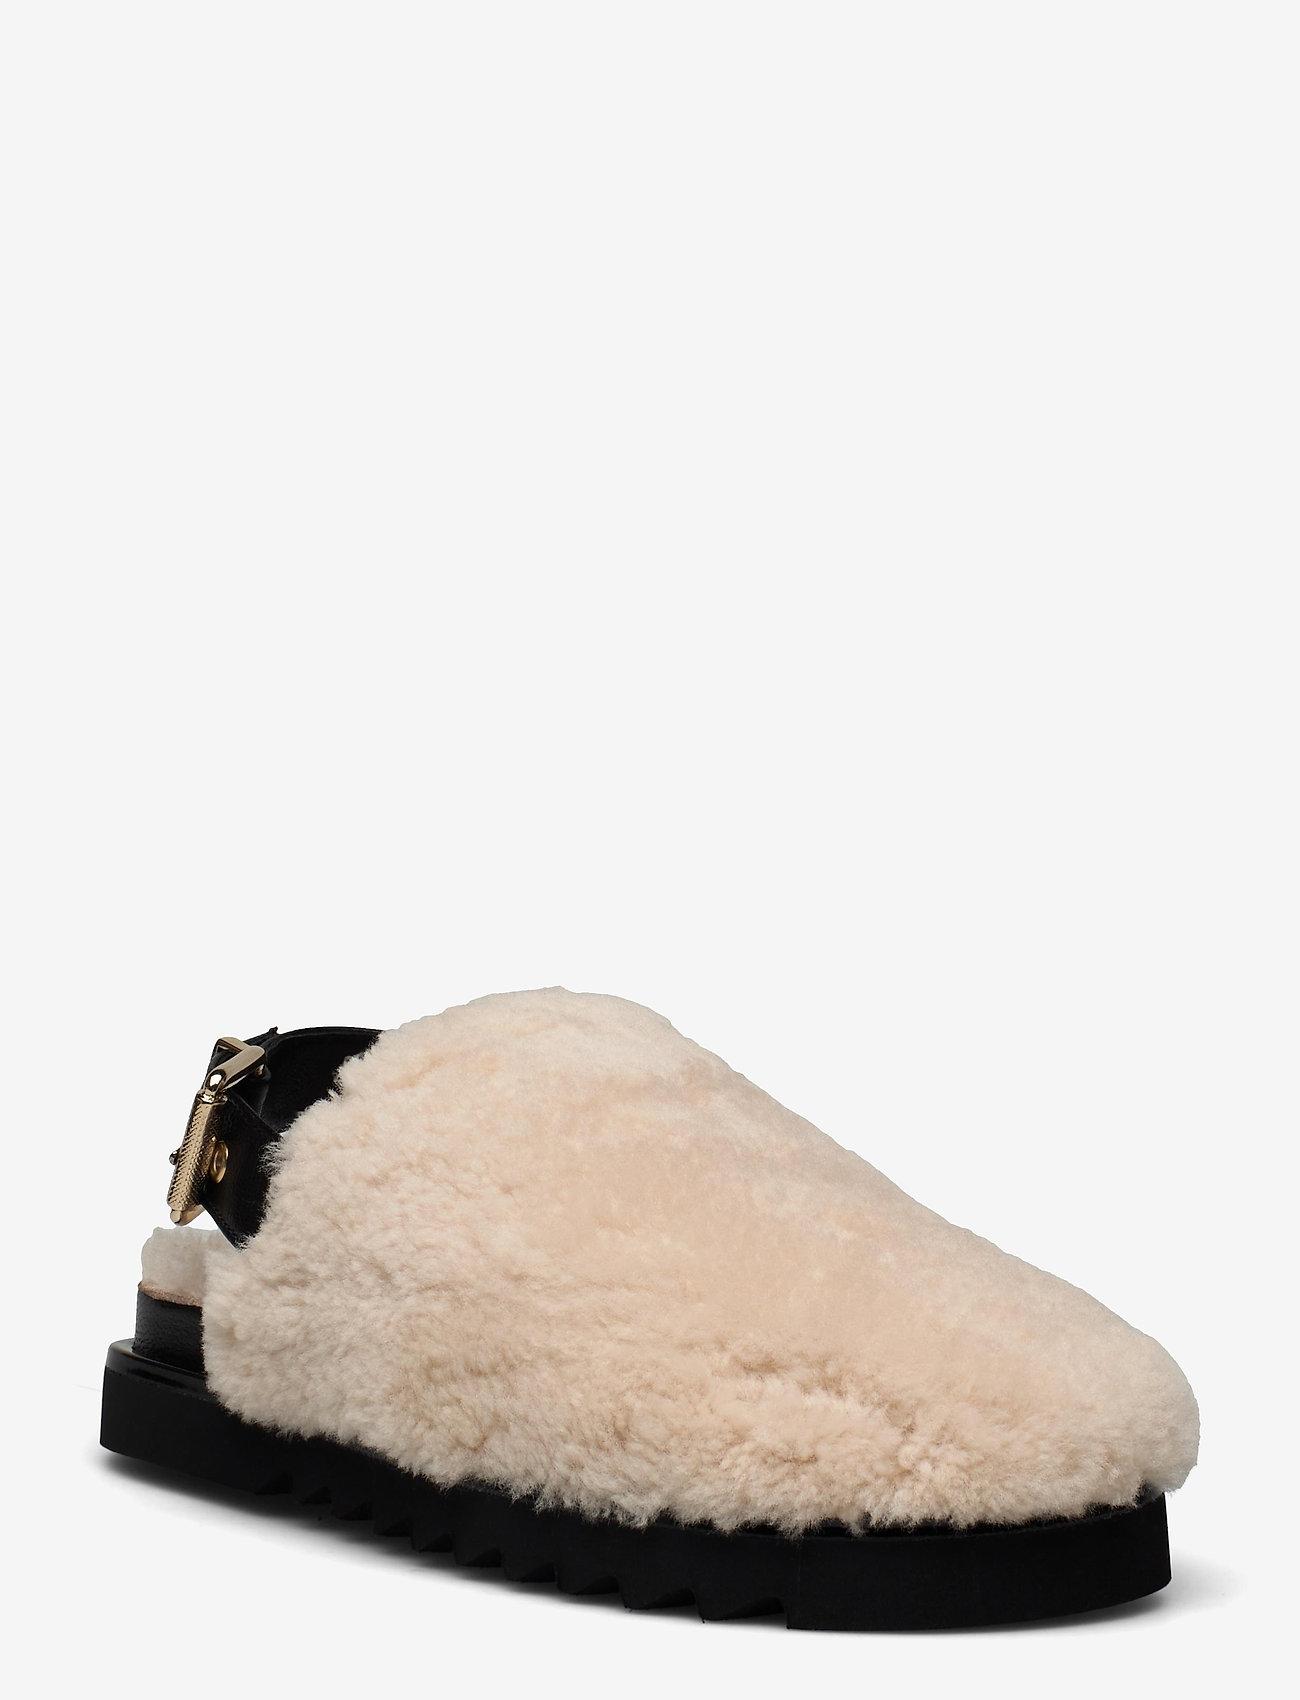 Billi Bi - Slipper  6070 - mules & slipins - beige lamb/black sole 933 - 1